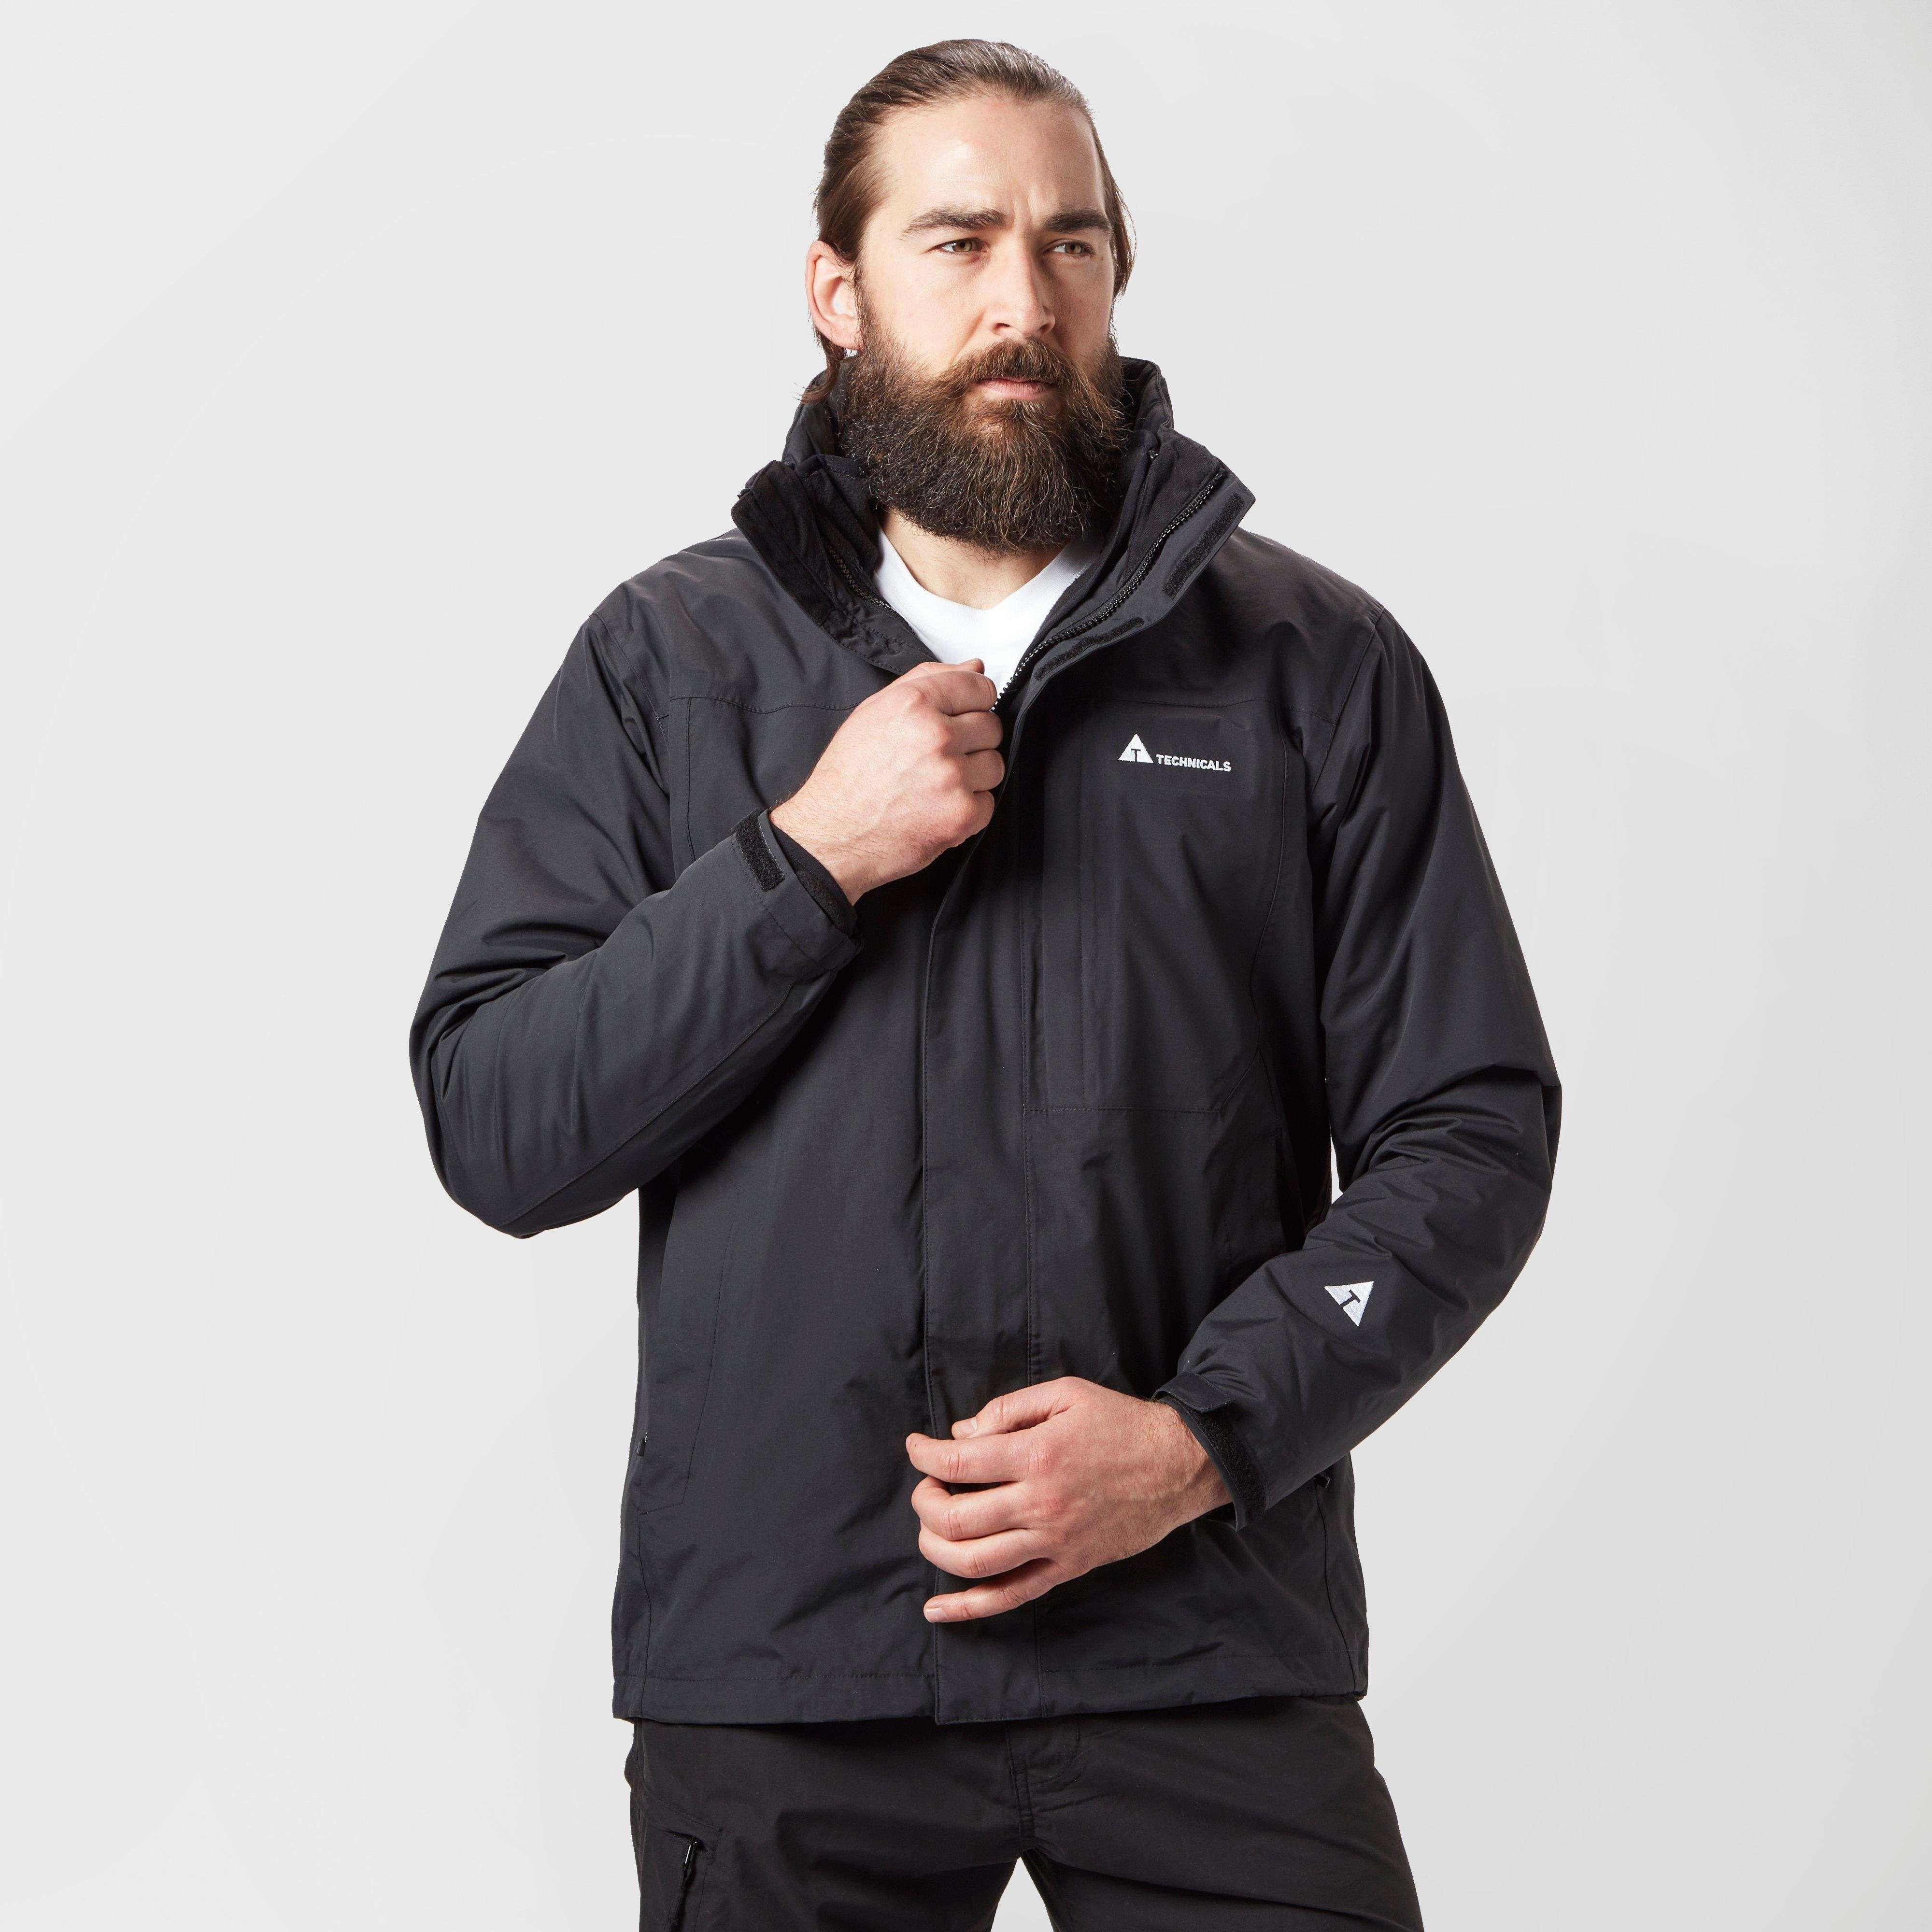 TECHNICALS Men's Pinnacle 3-in-1 Jacket